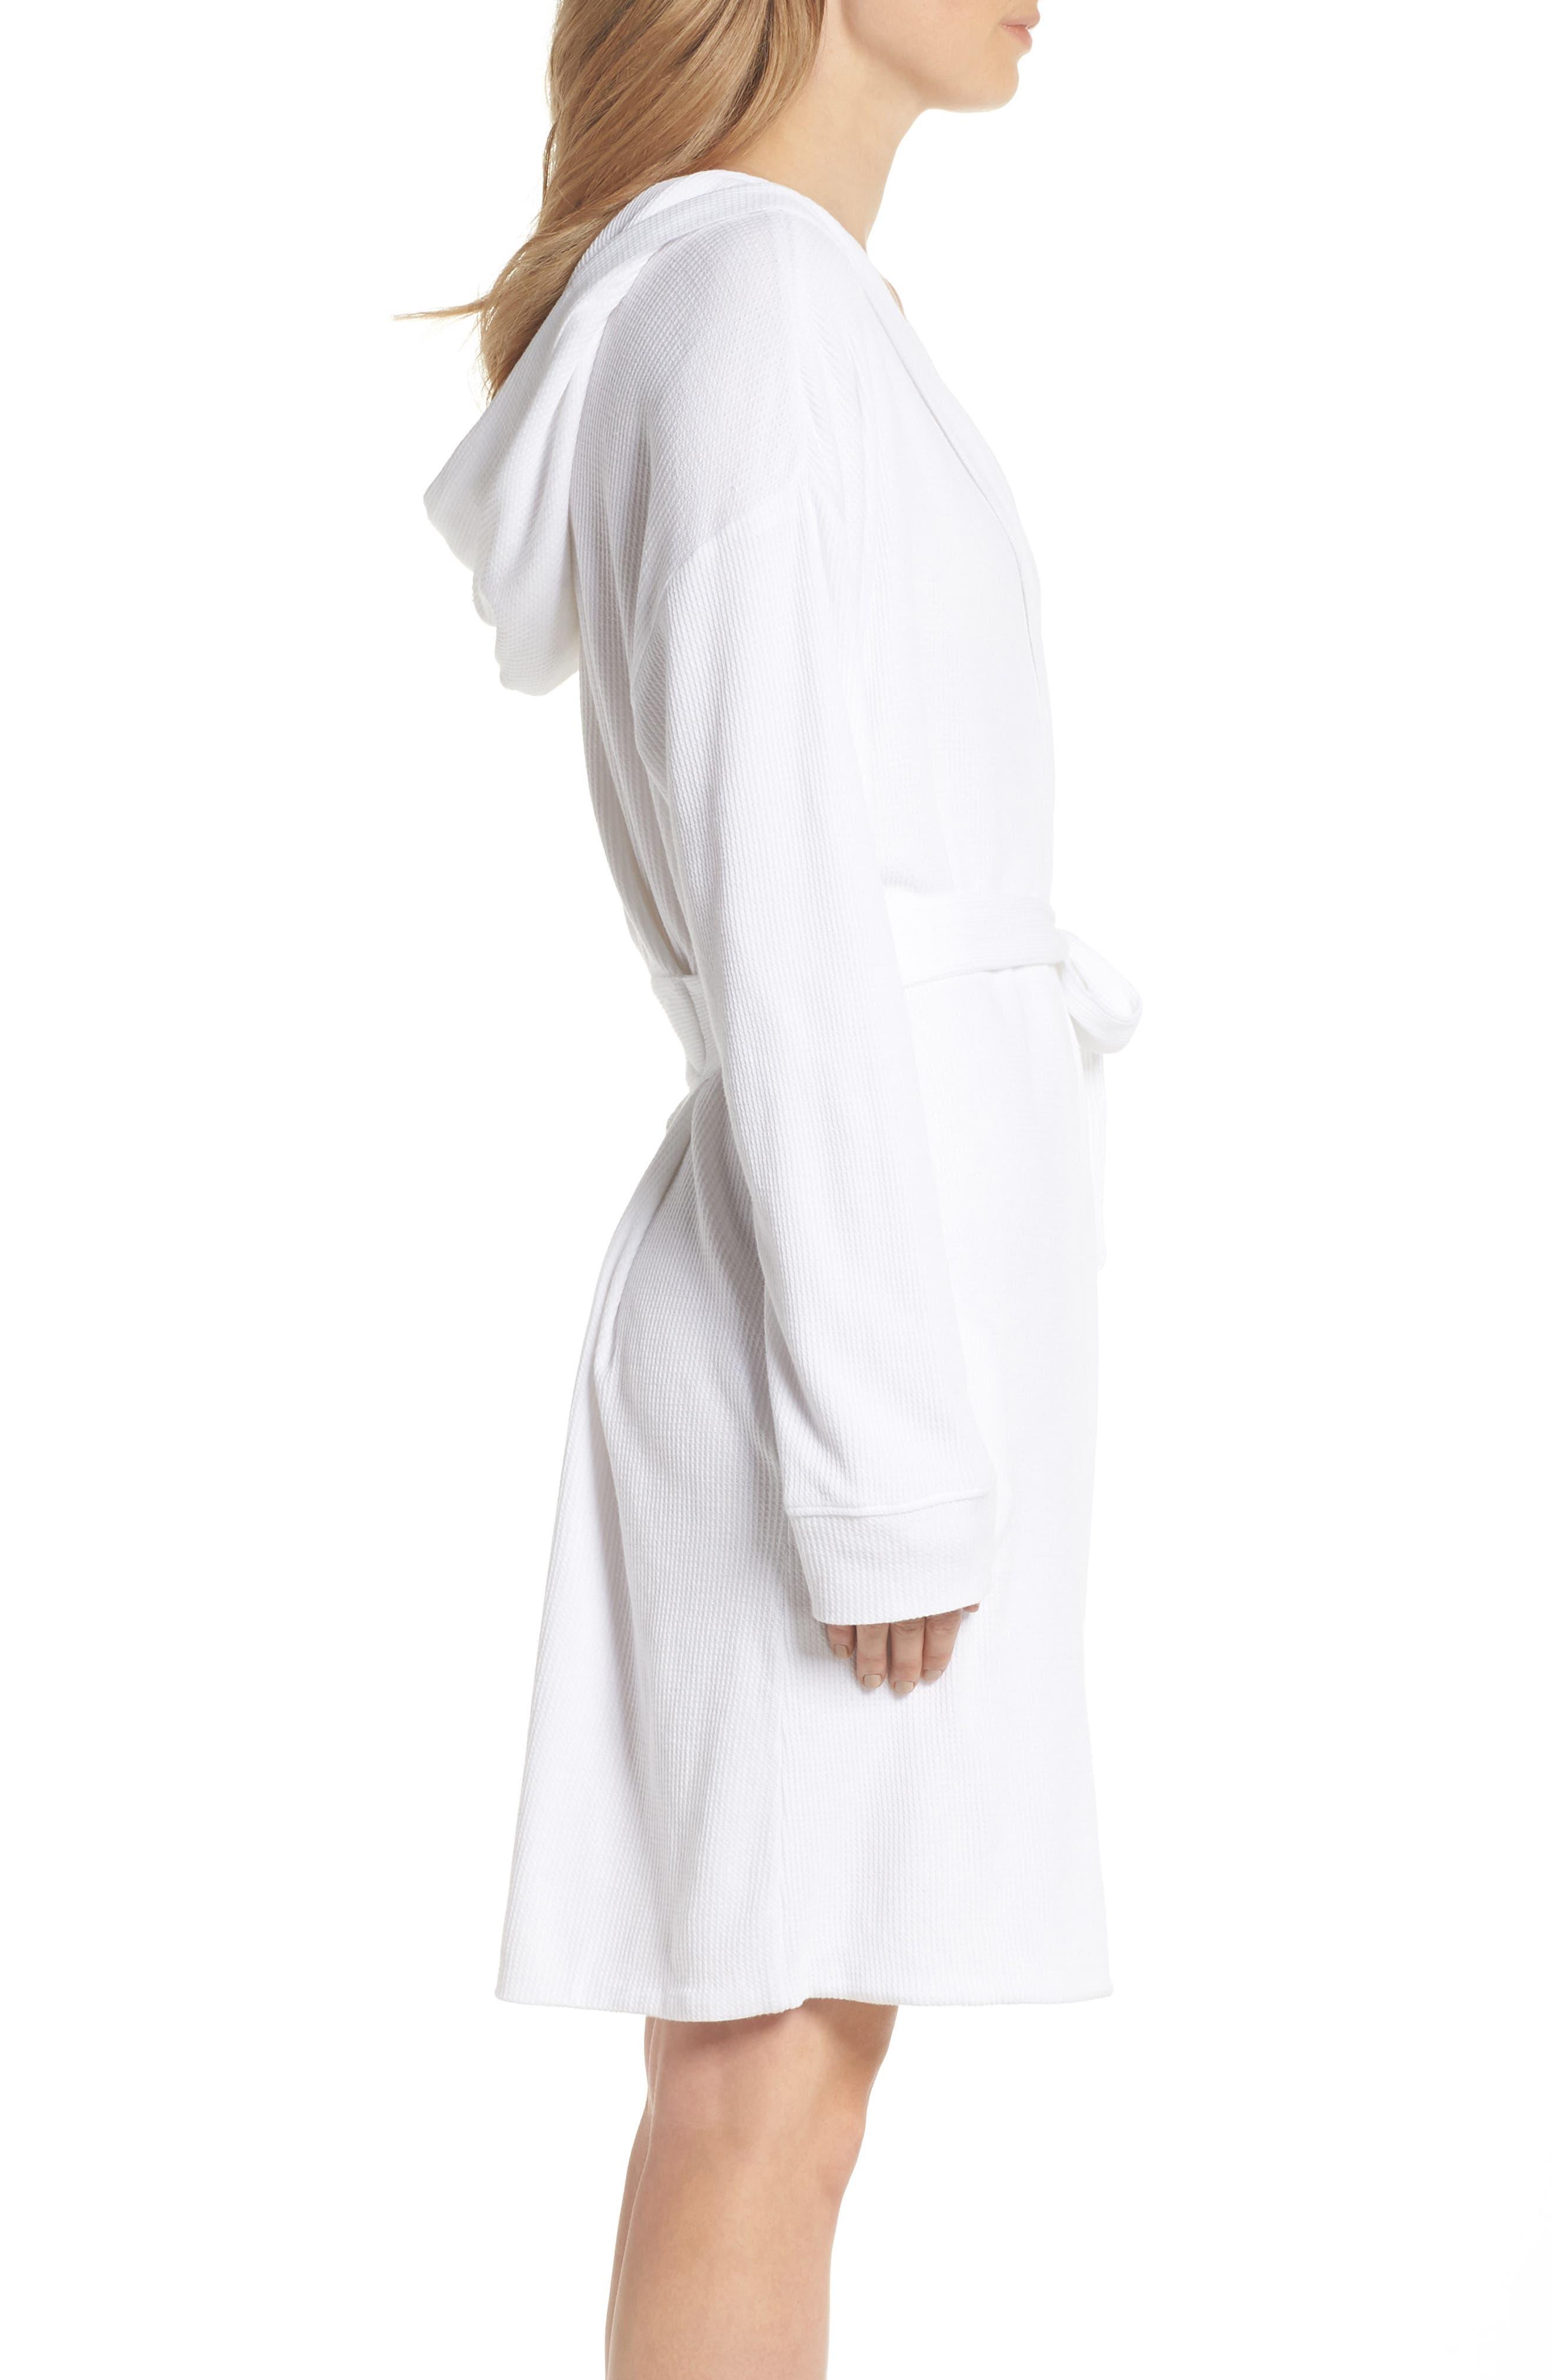 Avedon Robe,                             Alternate thumbnail 3, color,                             White